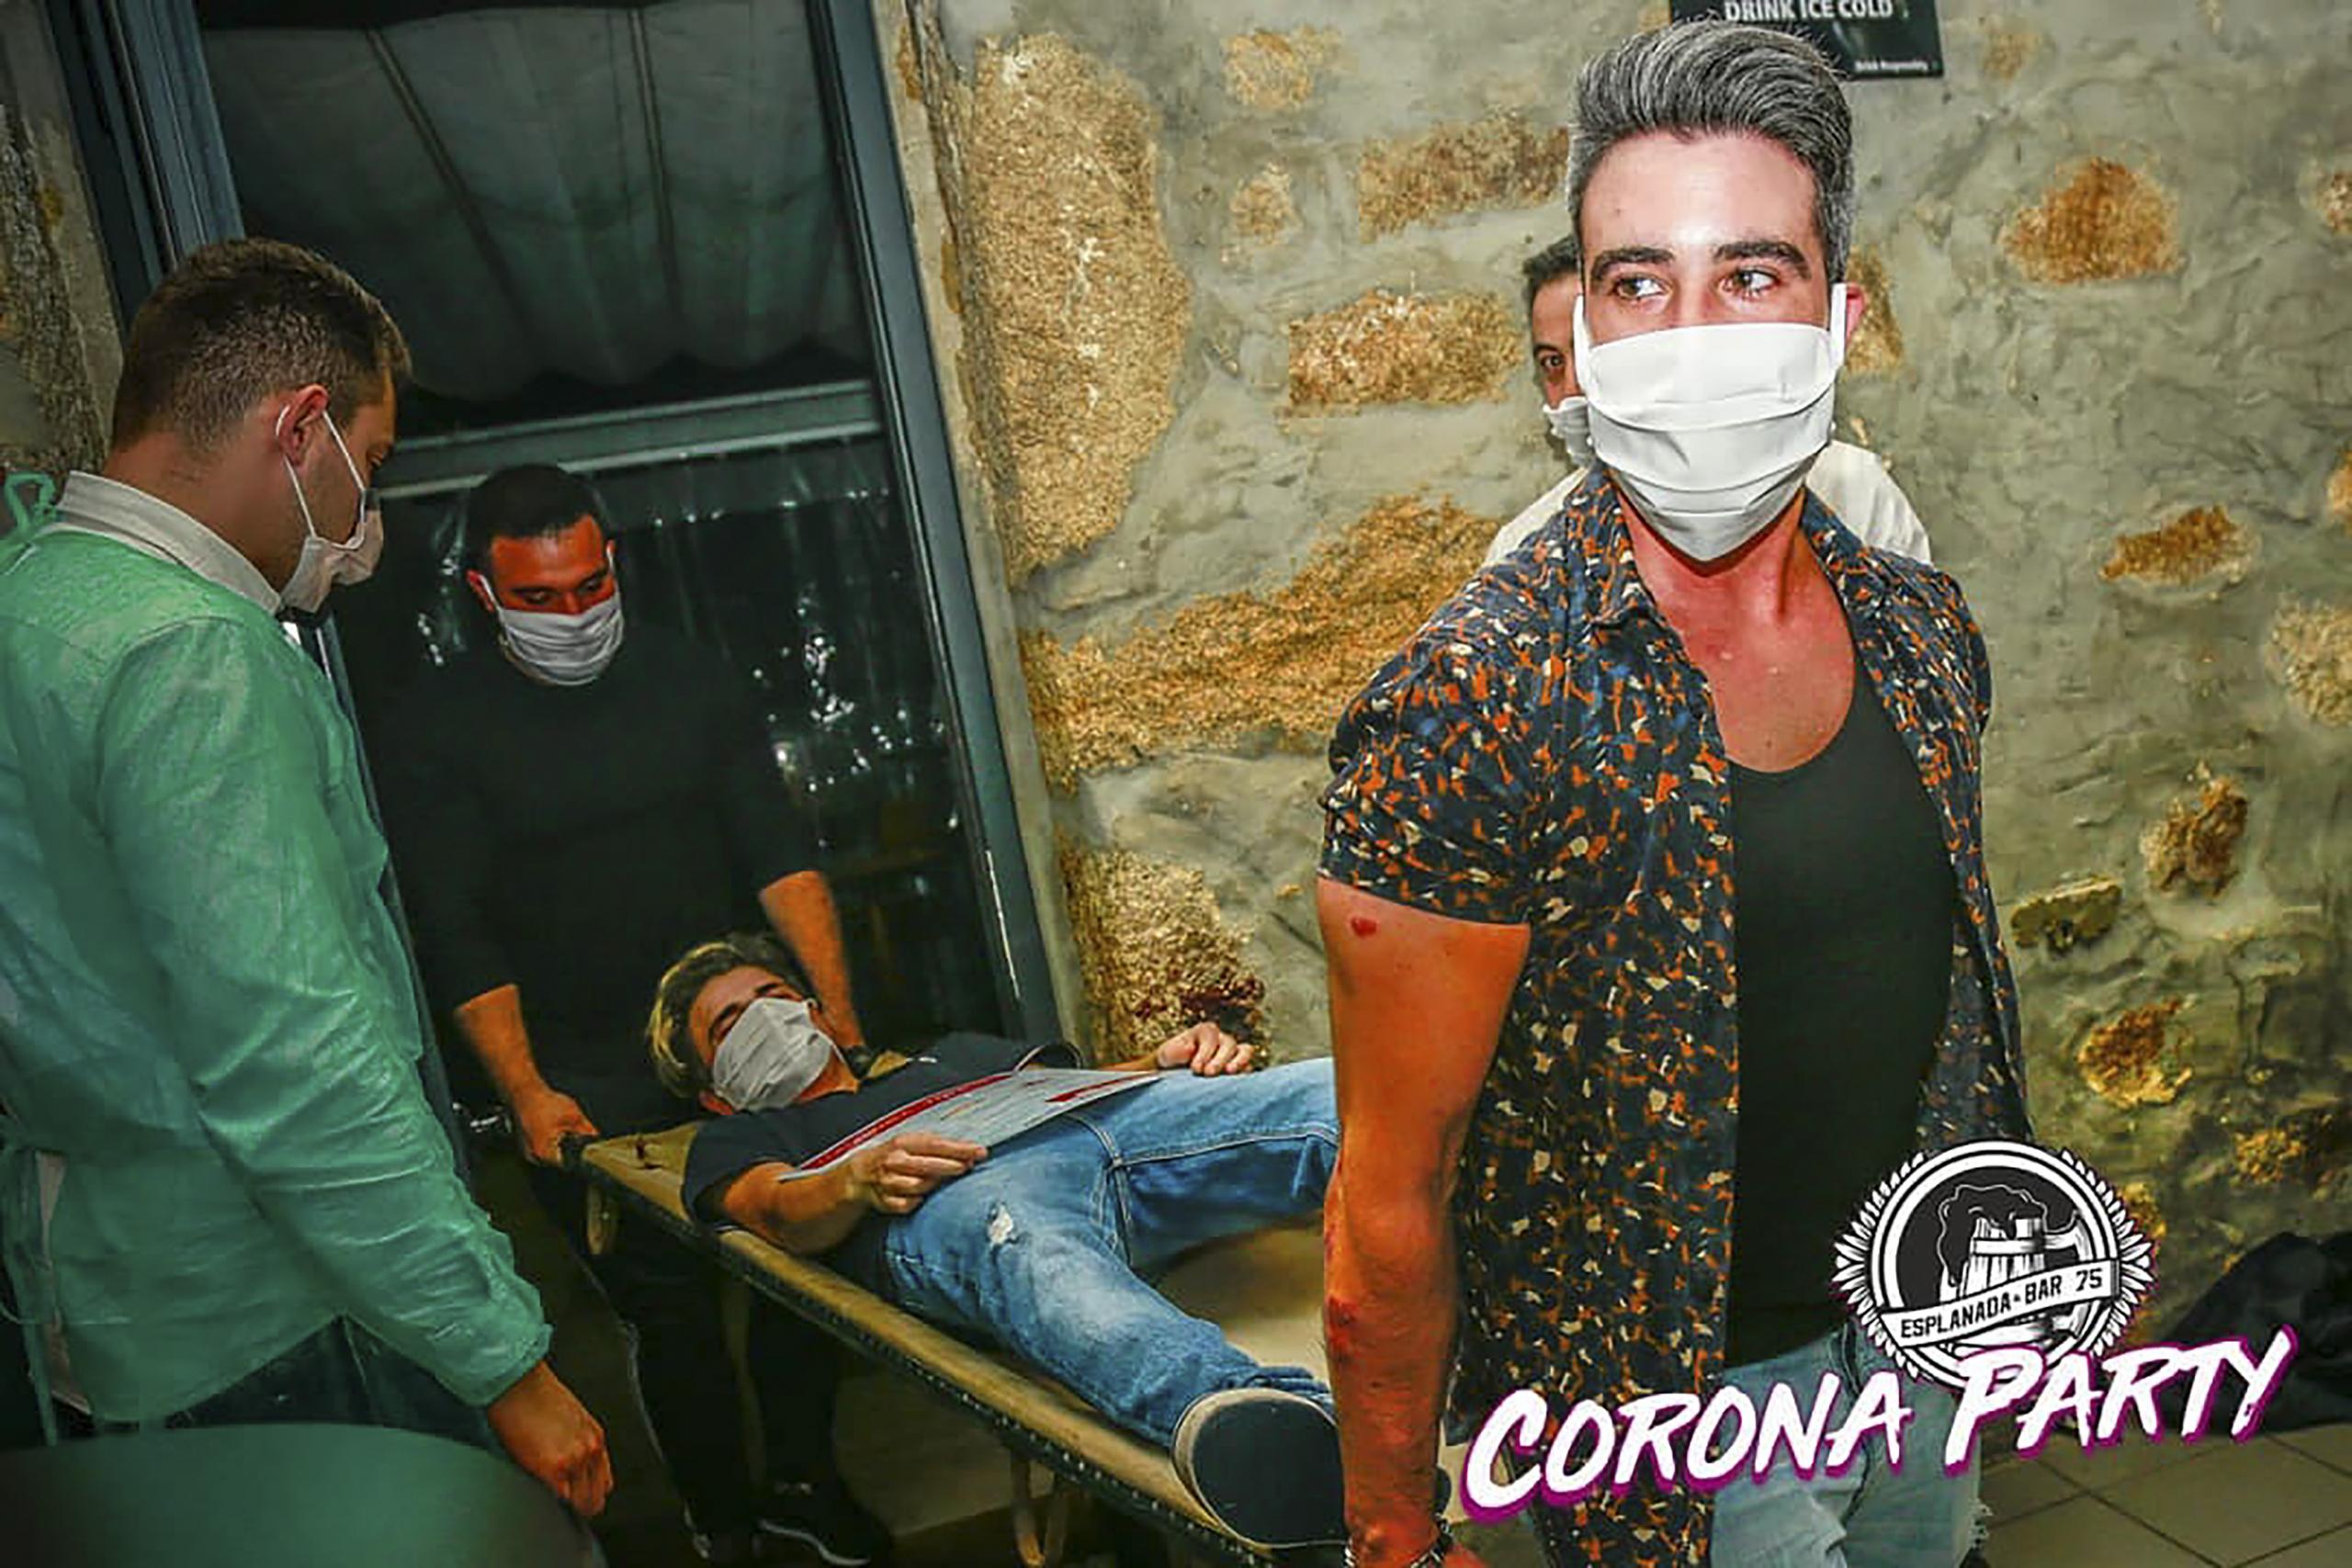 Corona Party la soirée qui fait débat